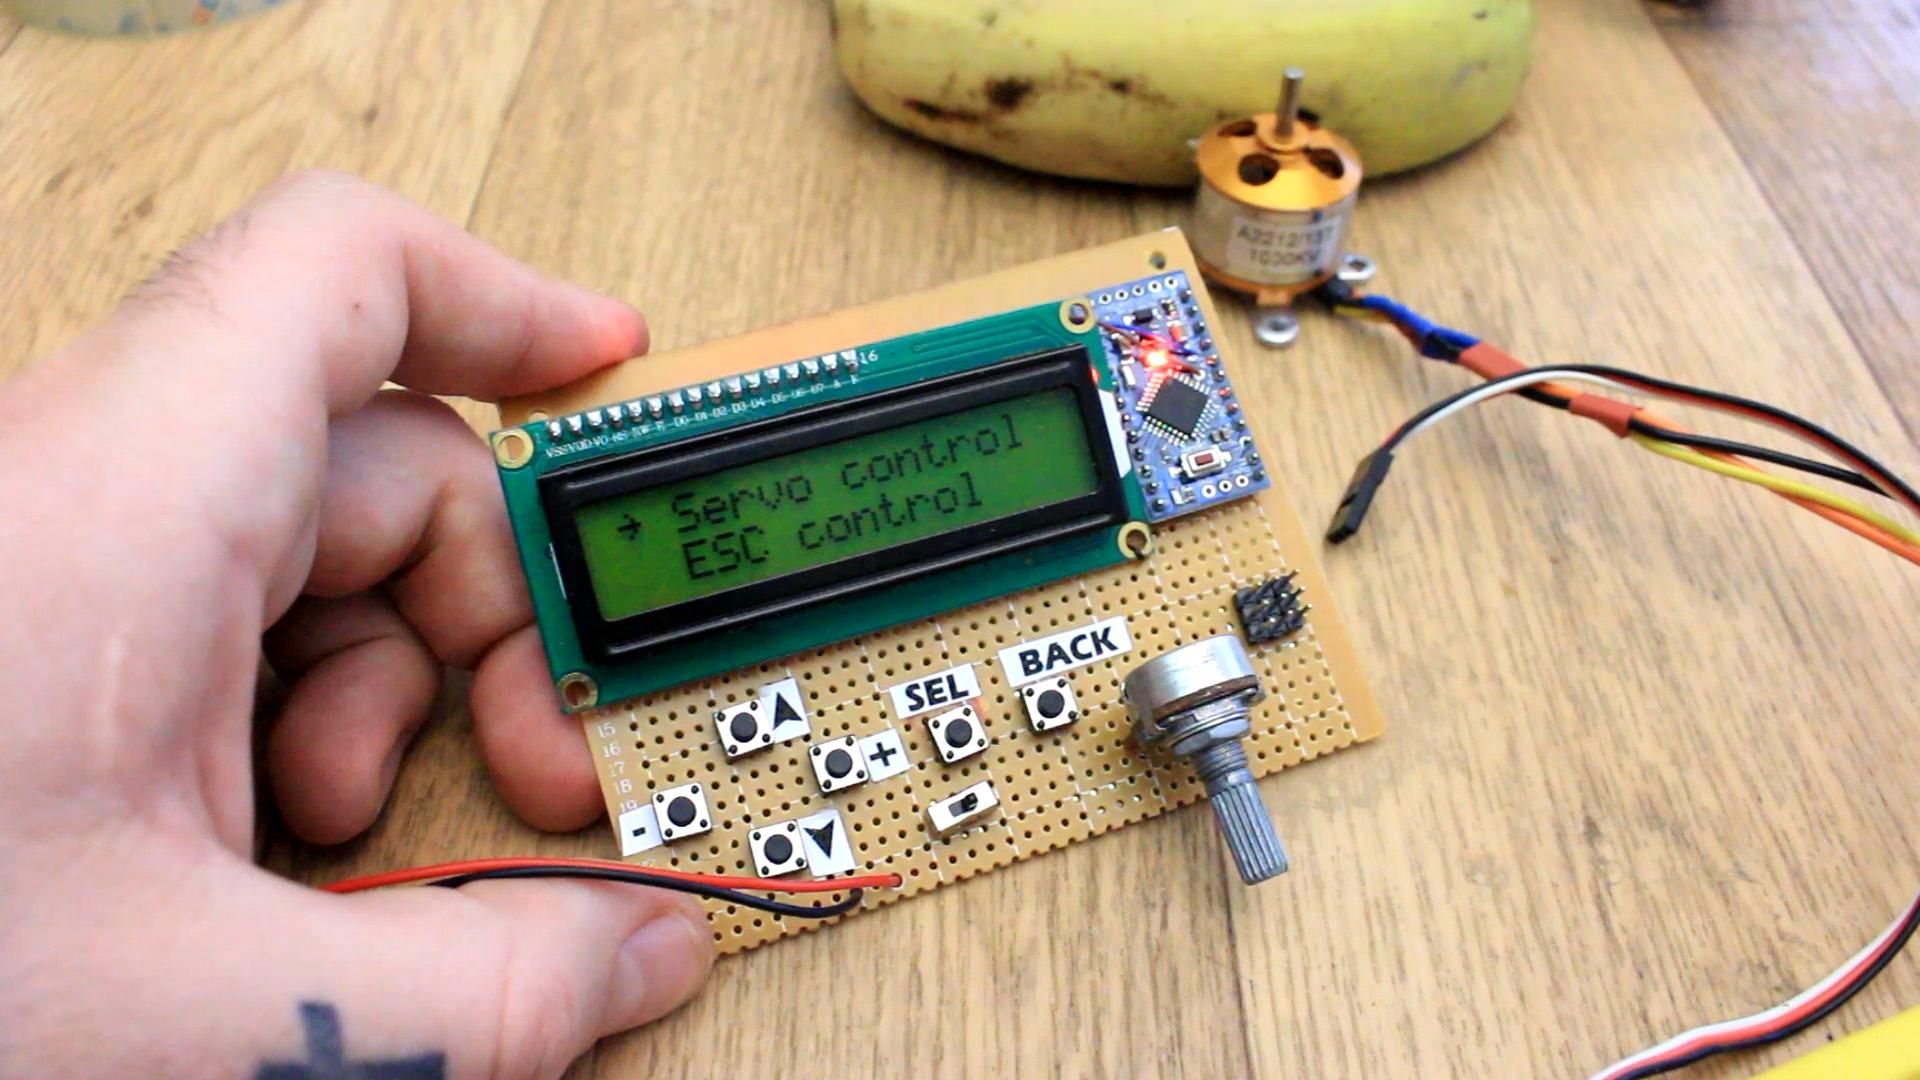 ESC servo tester with Arduino calibration